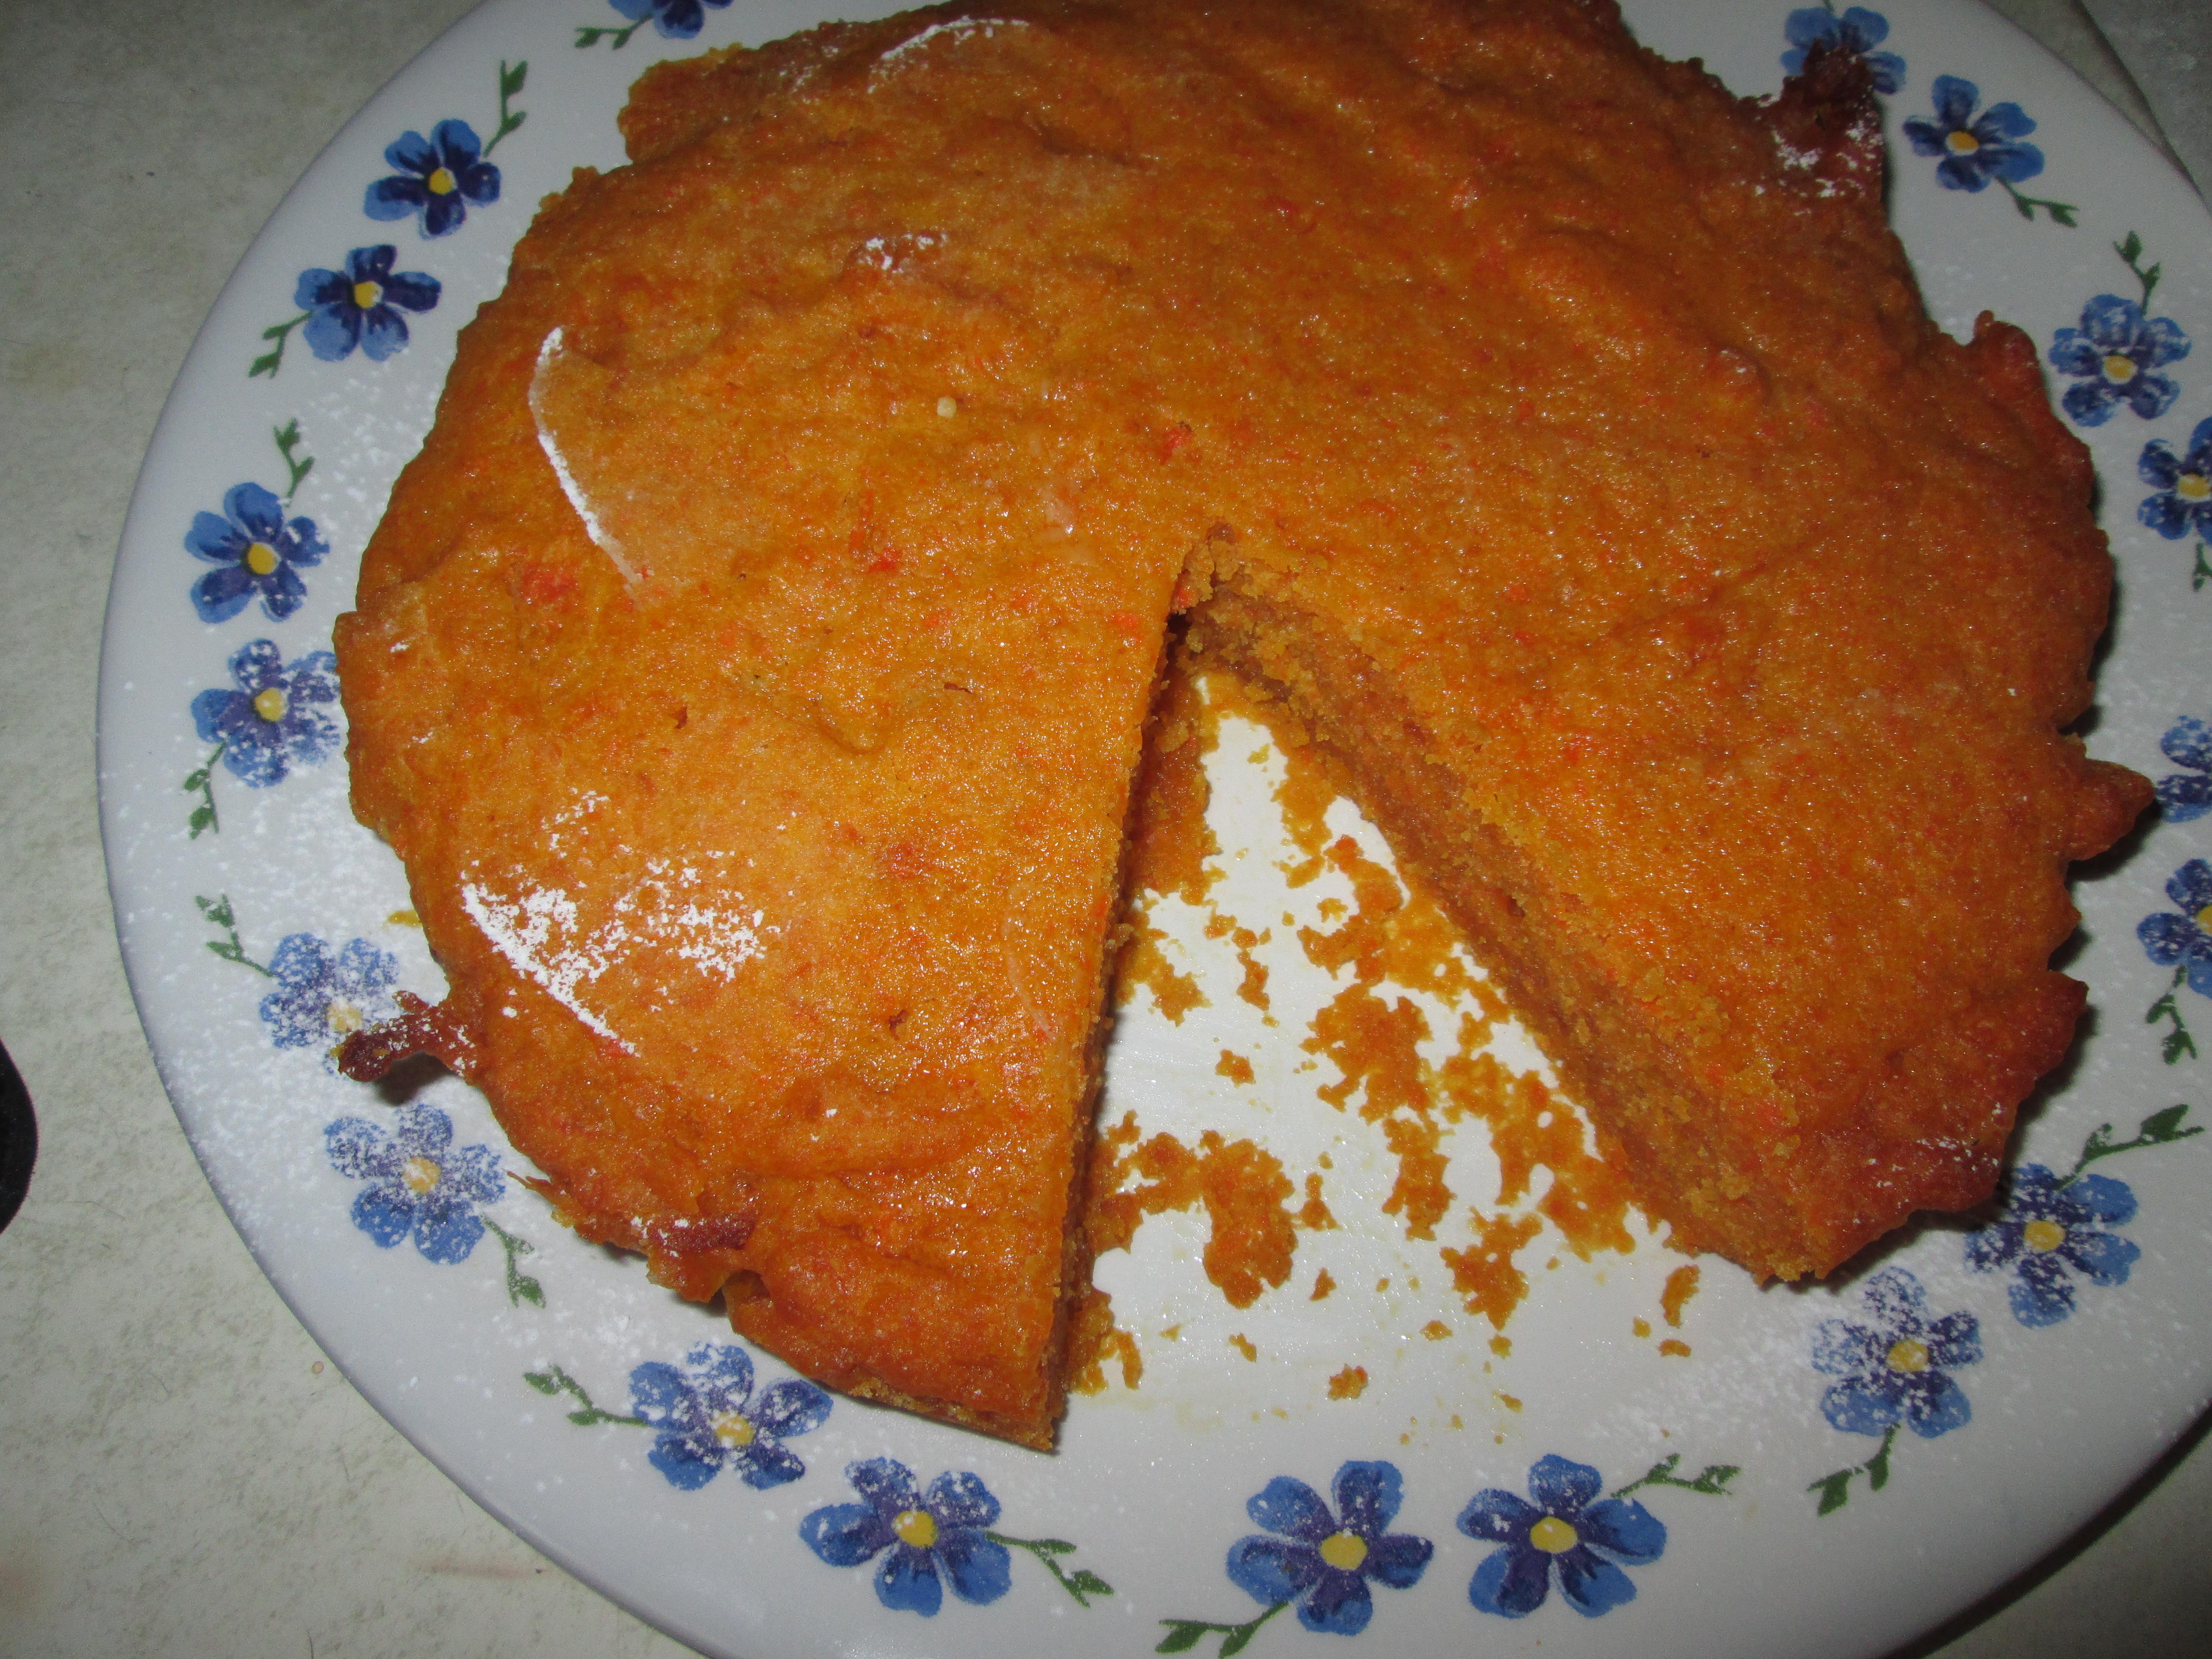 Torta di carote senza glutine, lattosio e uova